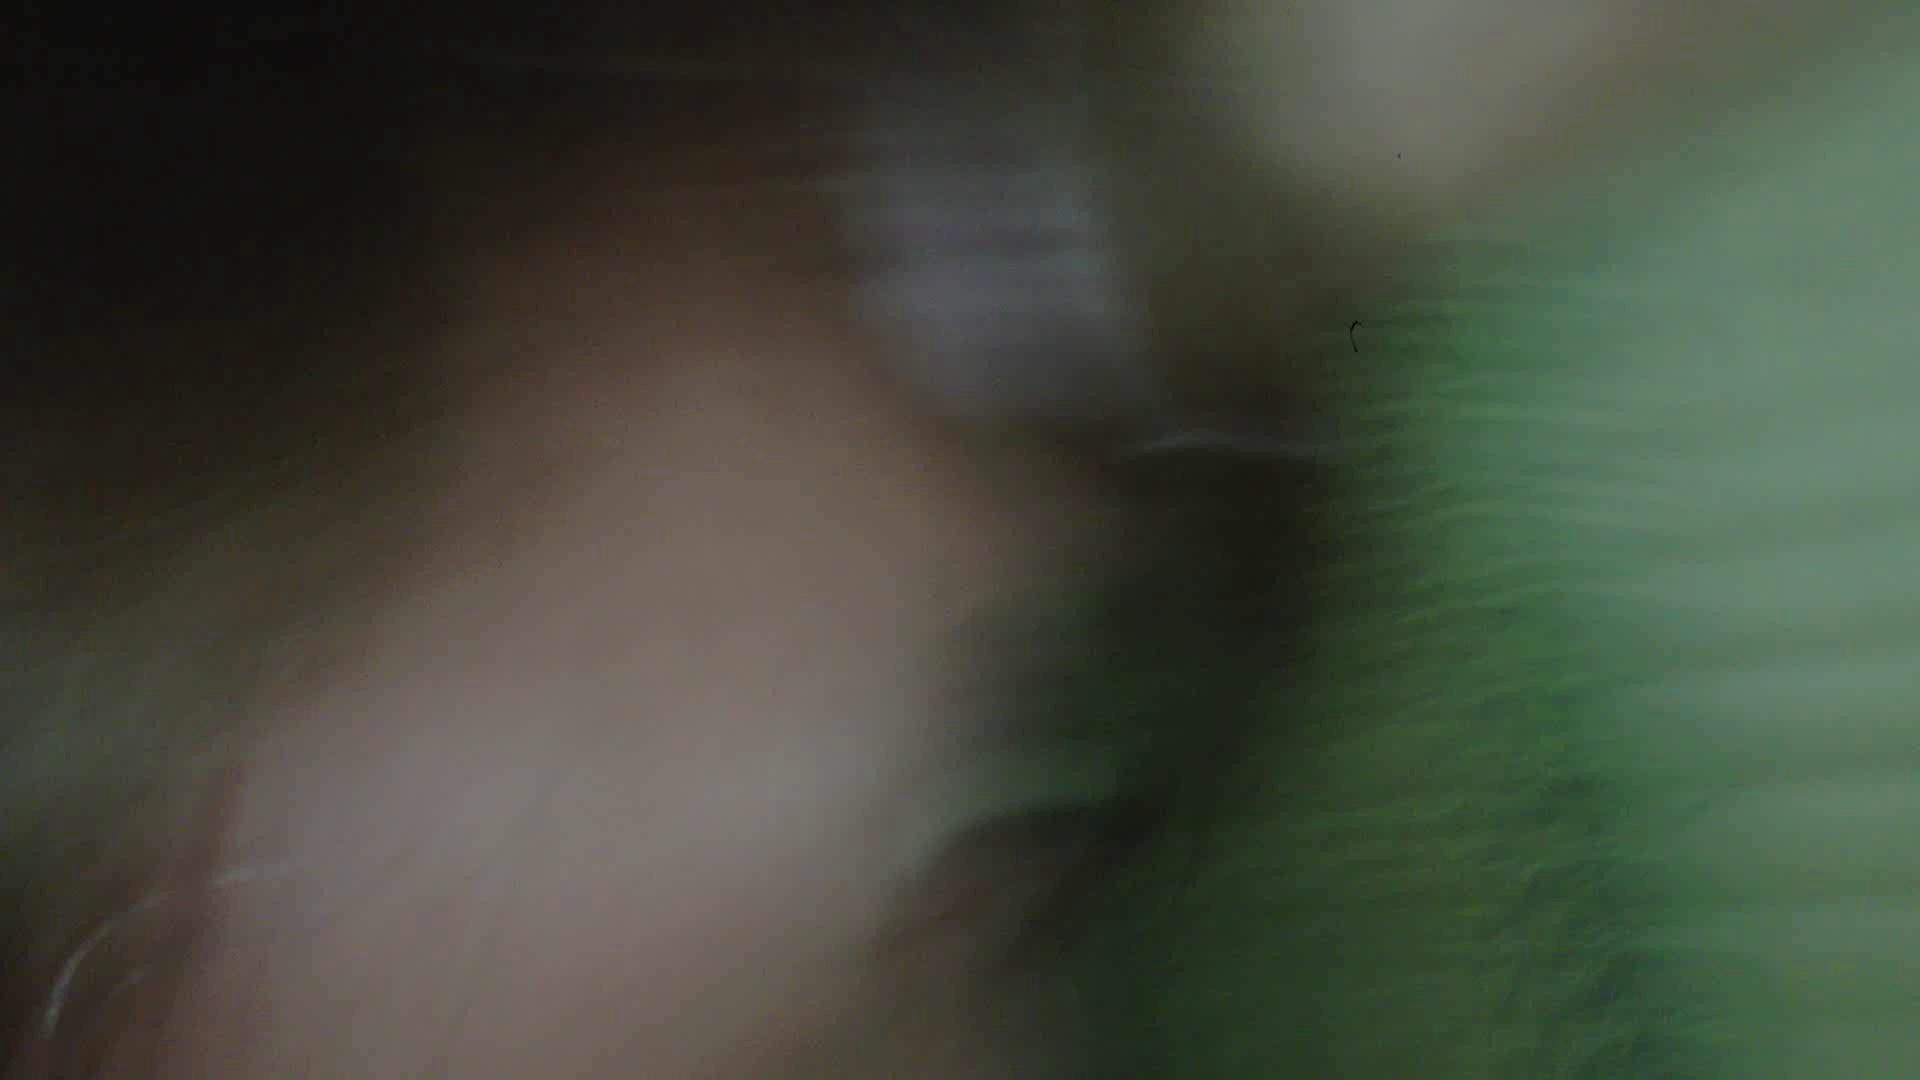 ヒトニアラズvol.3 値下げ | ギャル攻め  92画像 4